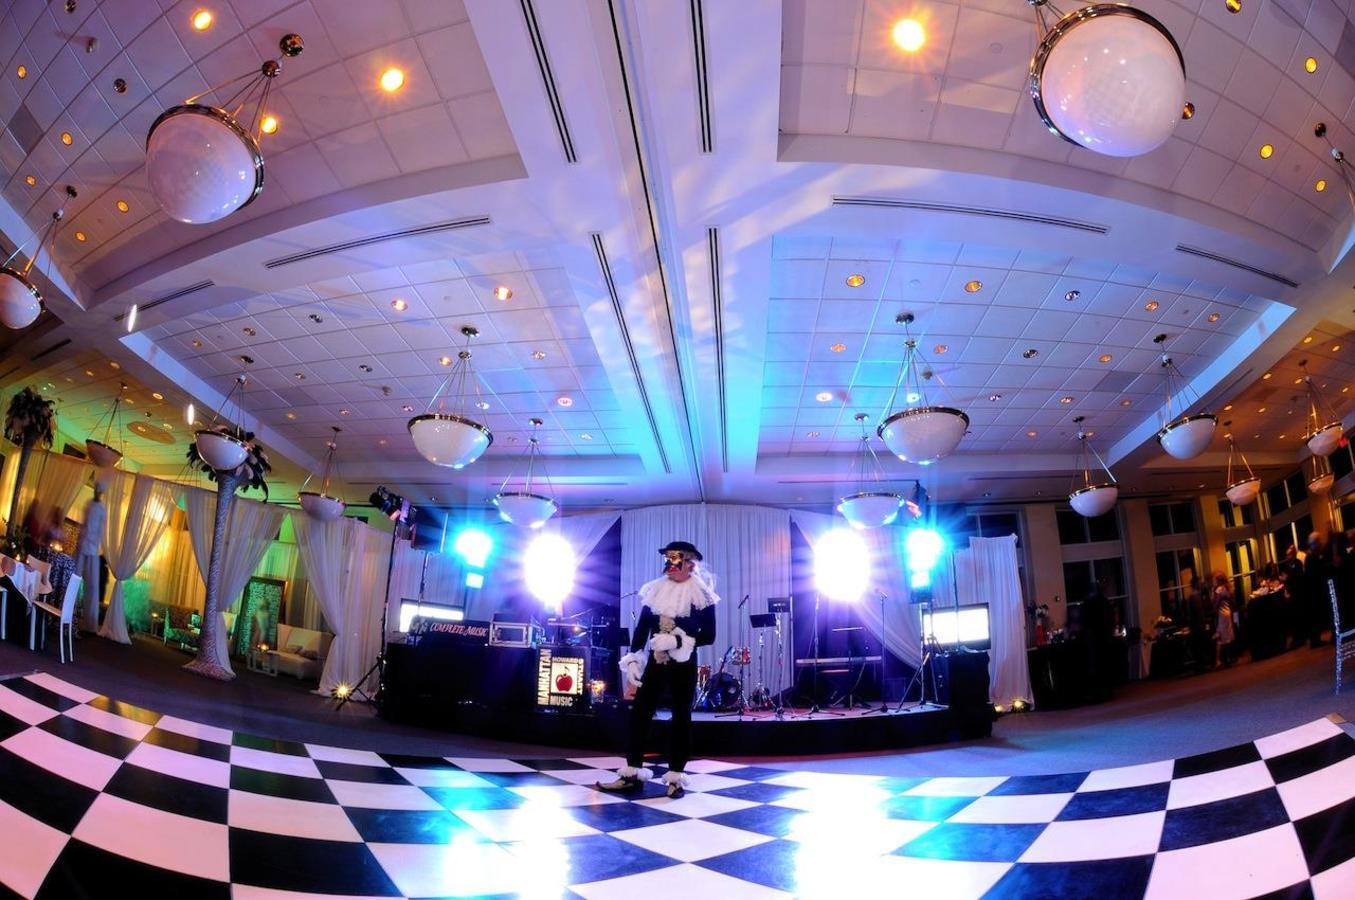 Holiday Party at Grand Ballroom